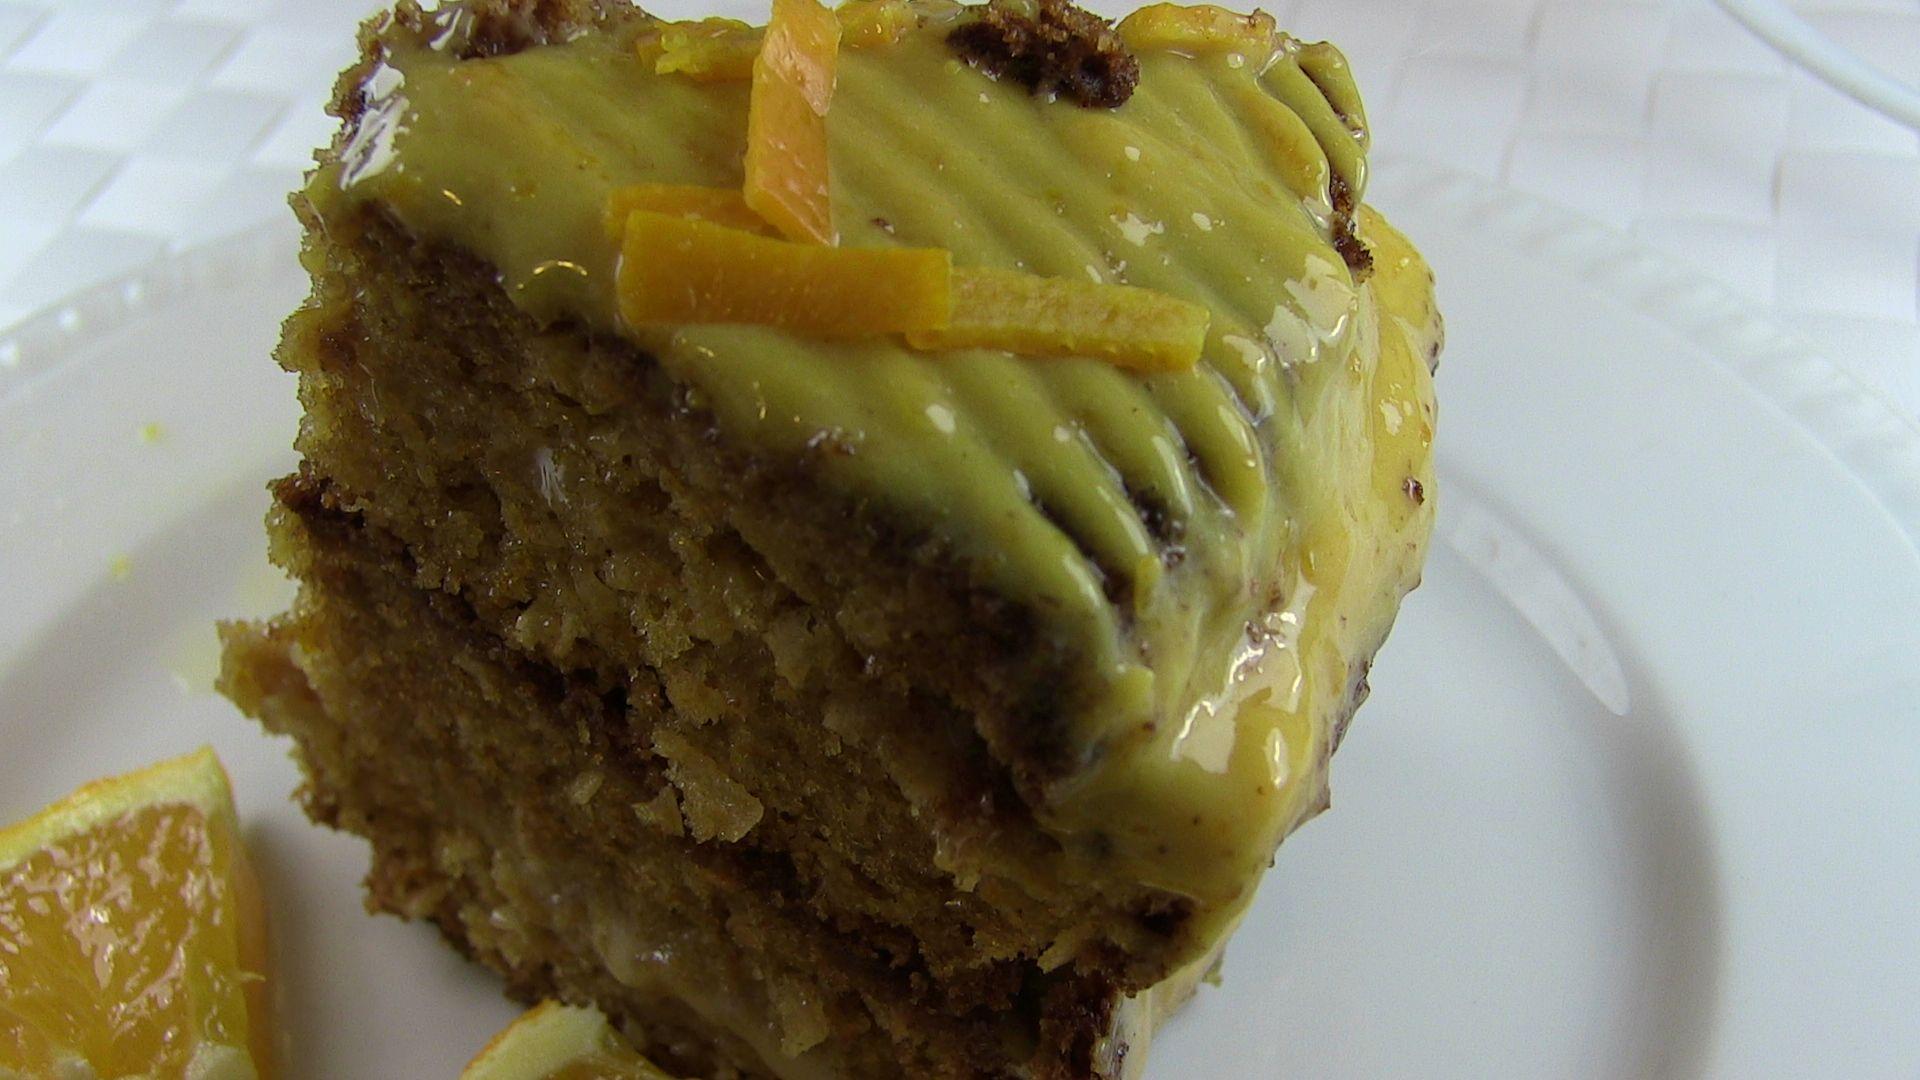 bolo torta de laranja com toque de noz moscada com recheio de doce de leite